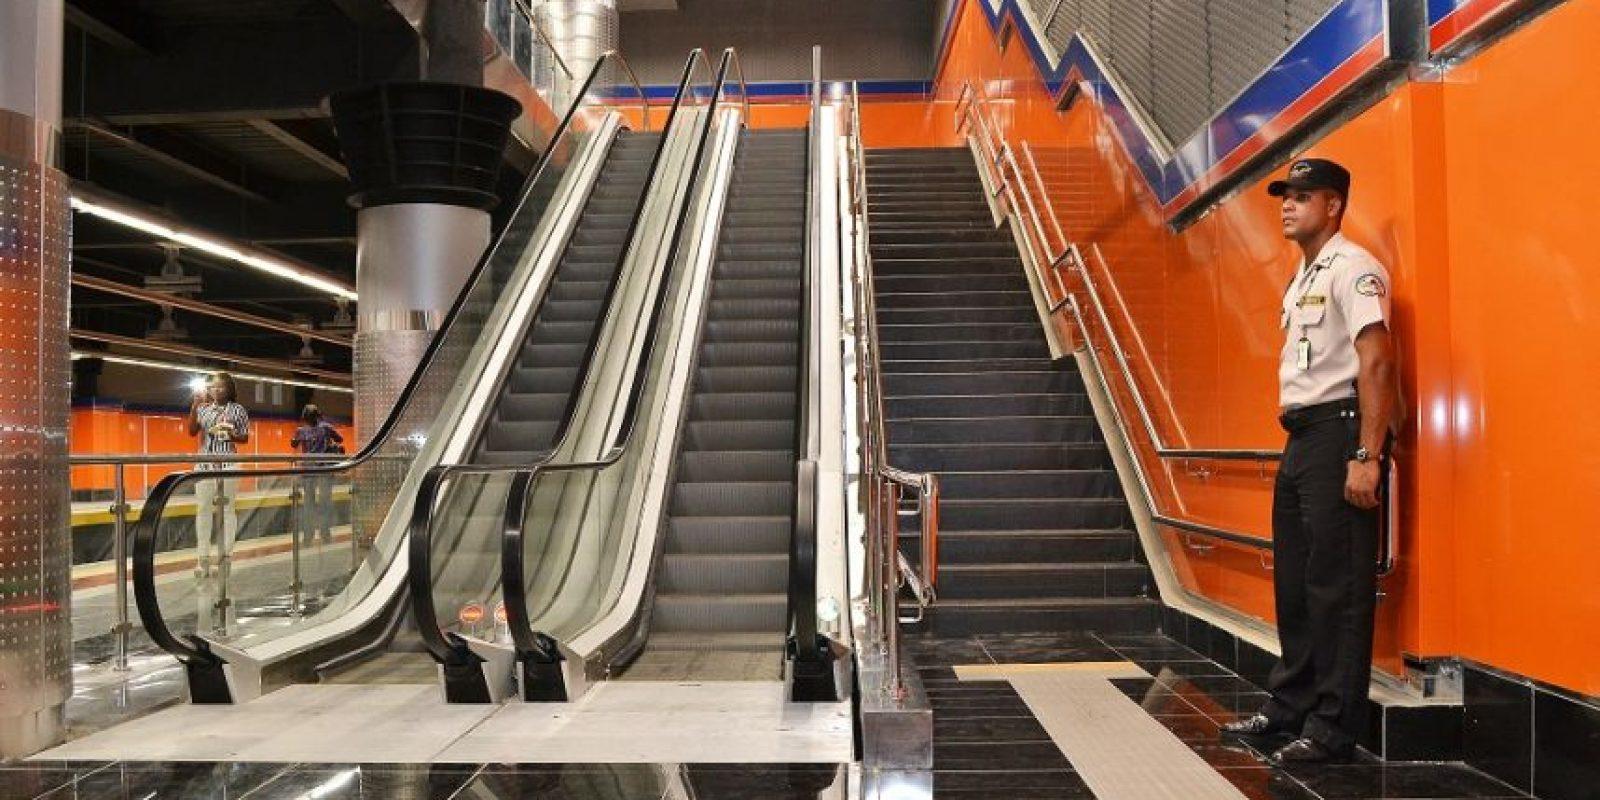 Escaleras de la estación Juan de los Santos Foto:Mario de peña